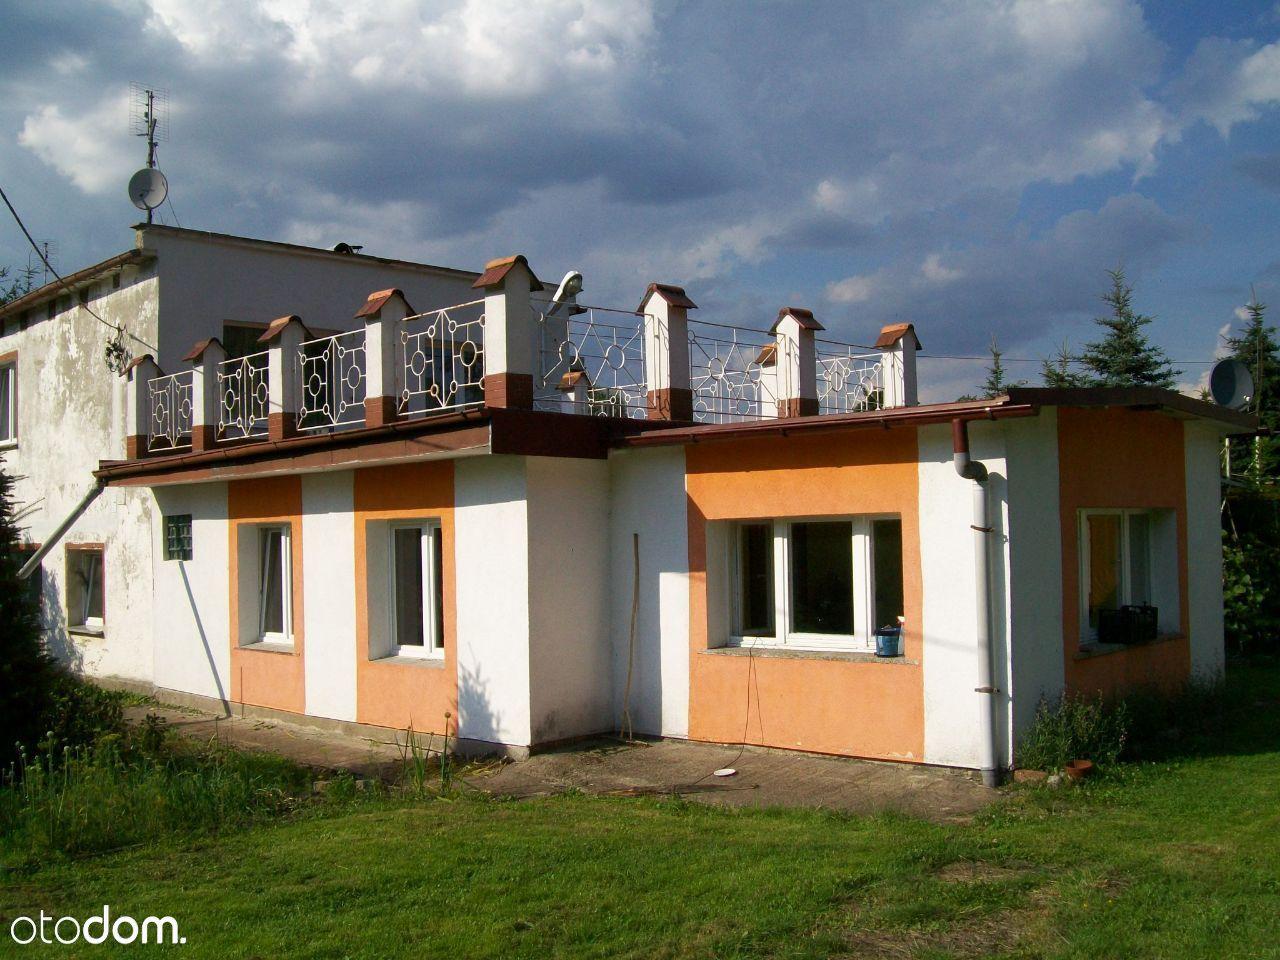 Dom na sprzedaż, Unisław Śląski, wałbrzyski, dolnośląskie - Foto 9